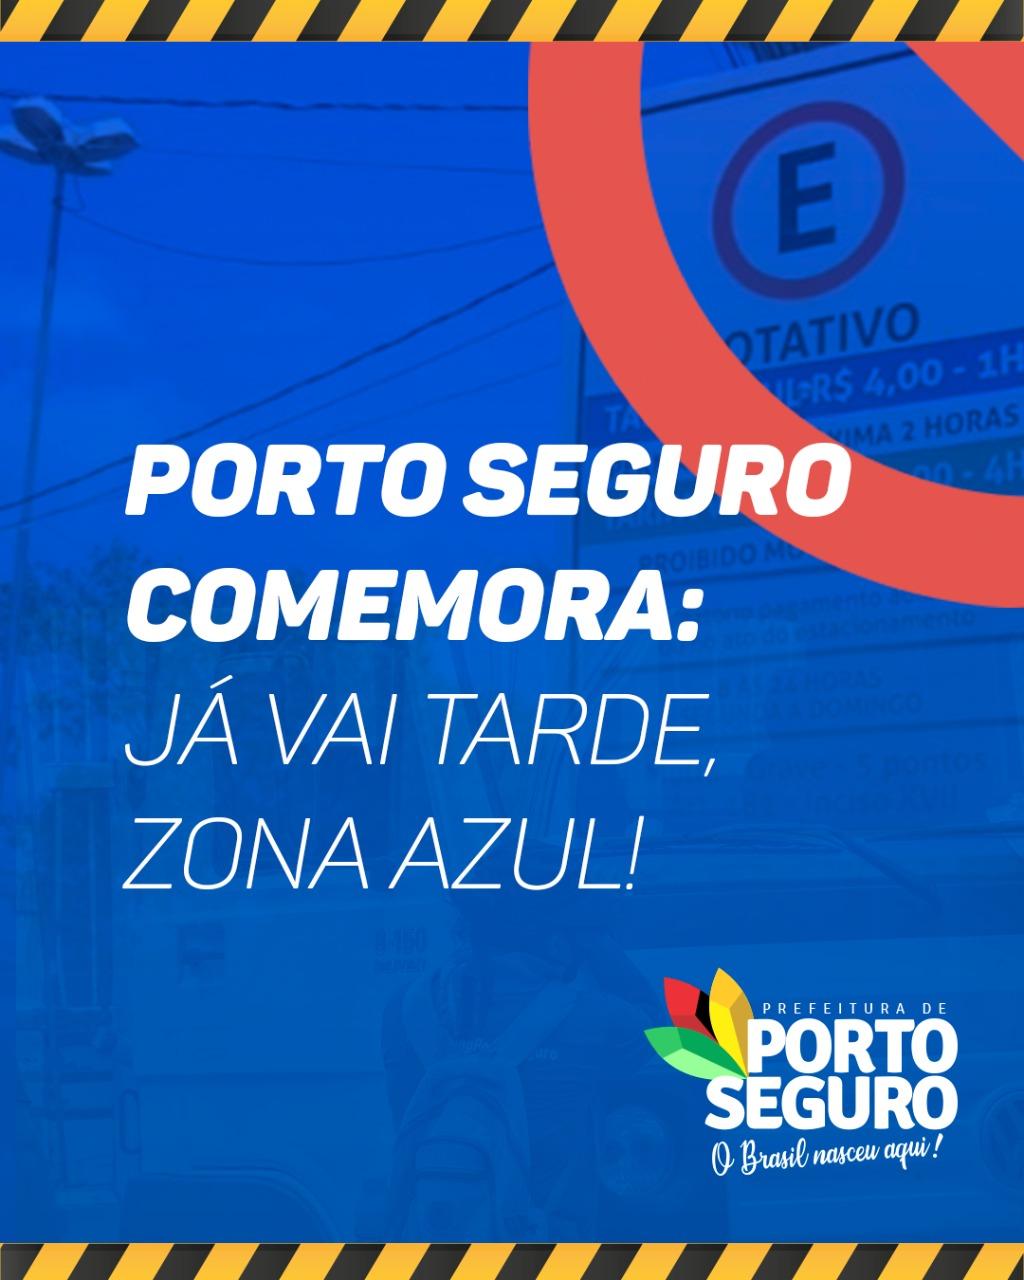 PORTO SEGURO COMEMORA: JÁ VAI TARDE, ZONA AZUL! 18